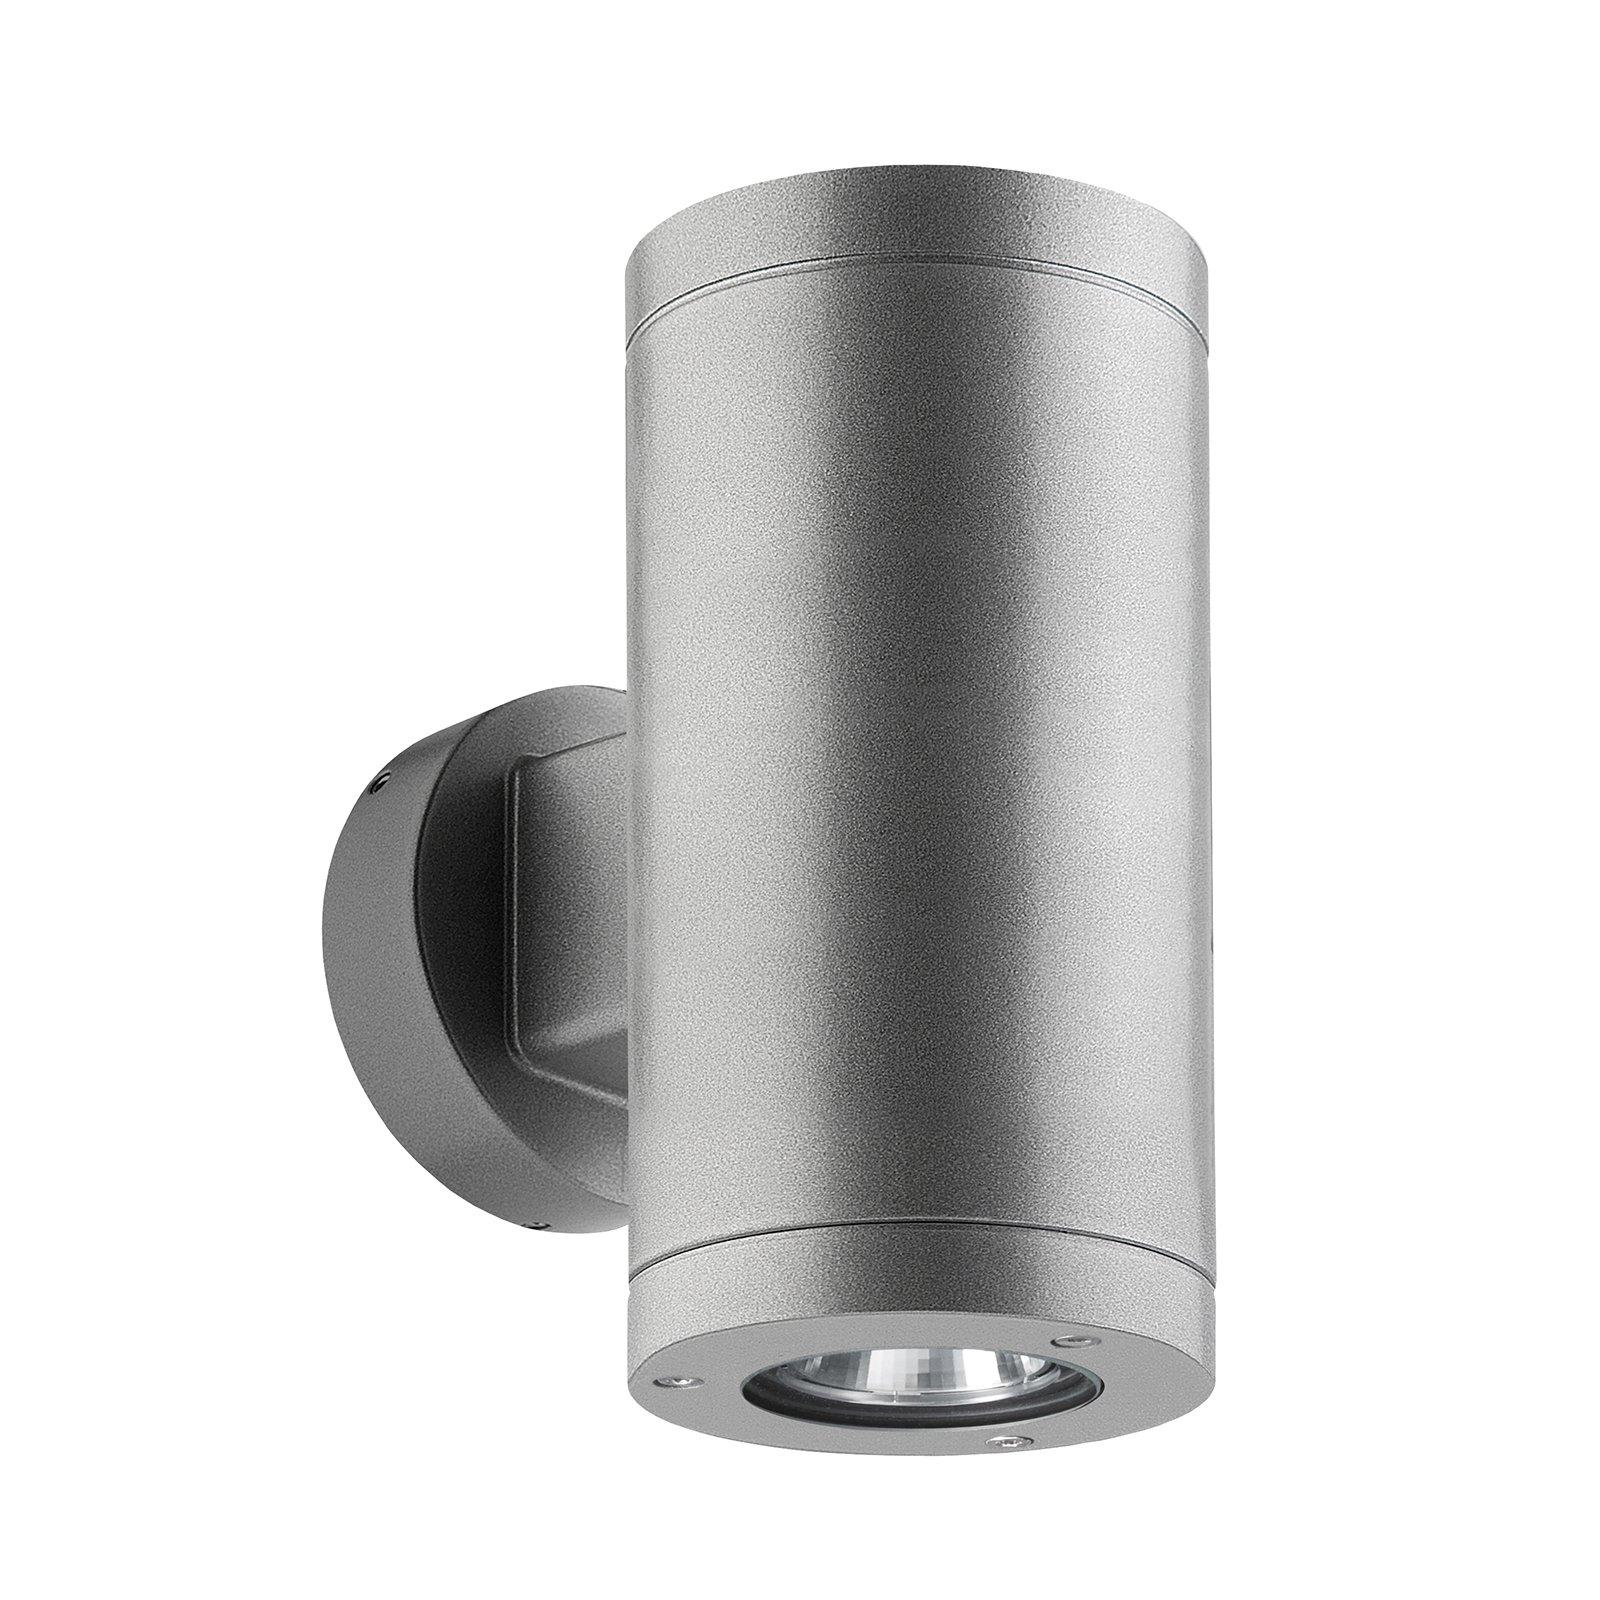 1067 up/down utendørs LED-vegglampe, sølv 54°/54°